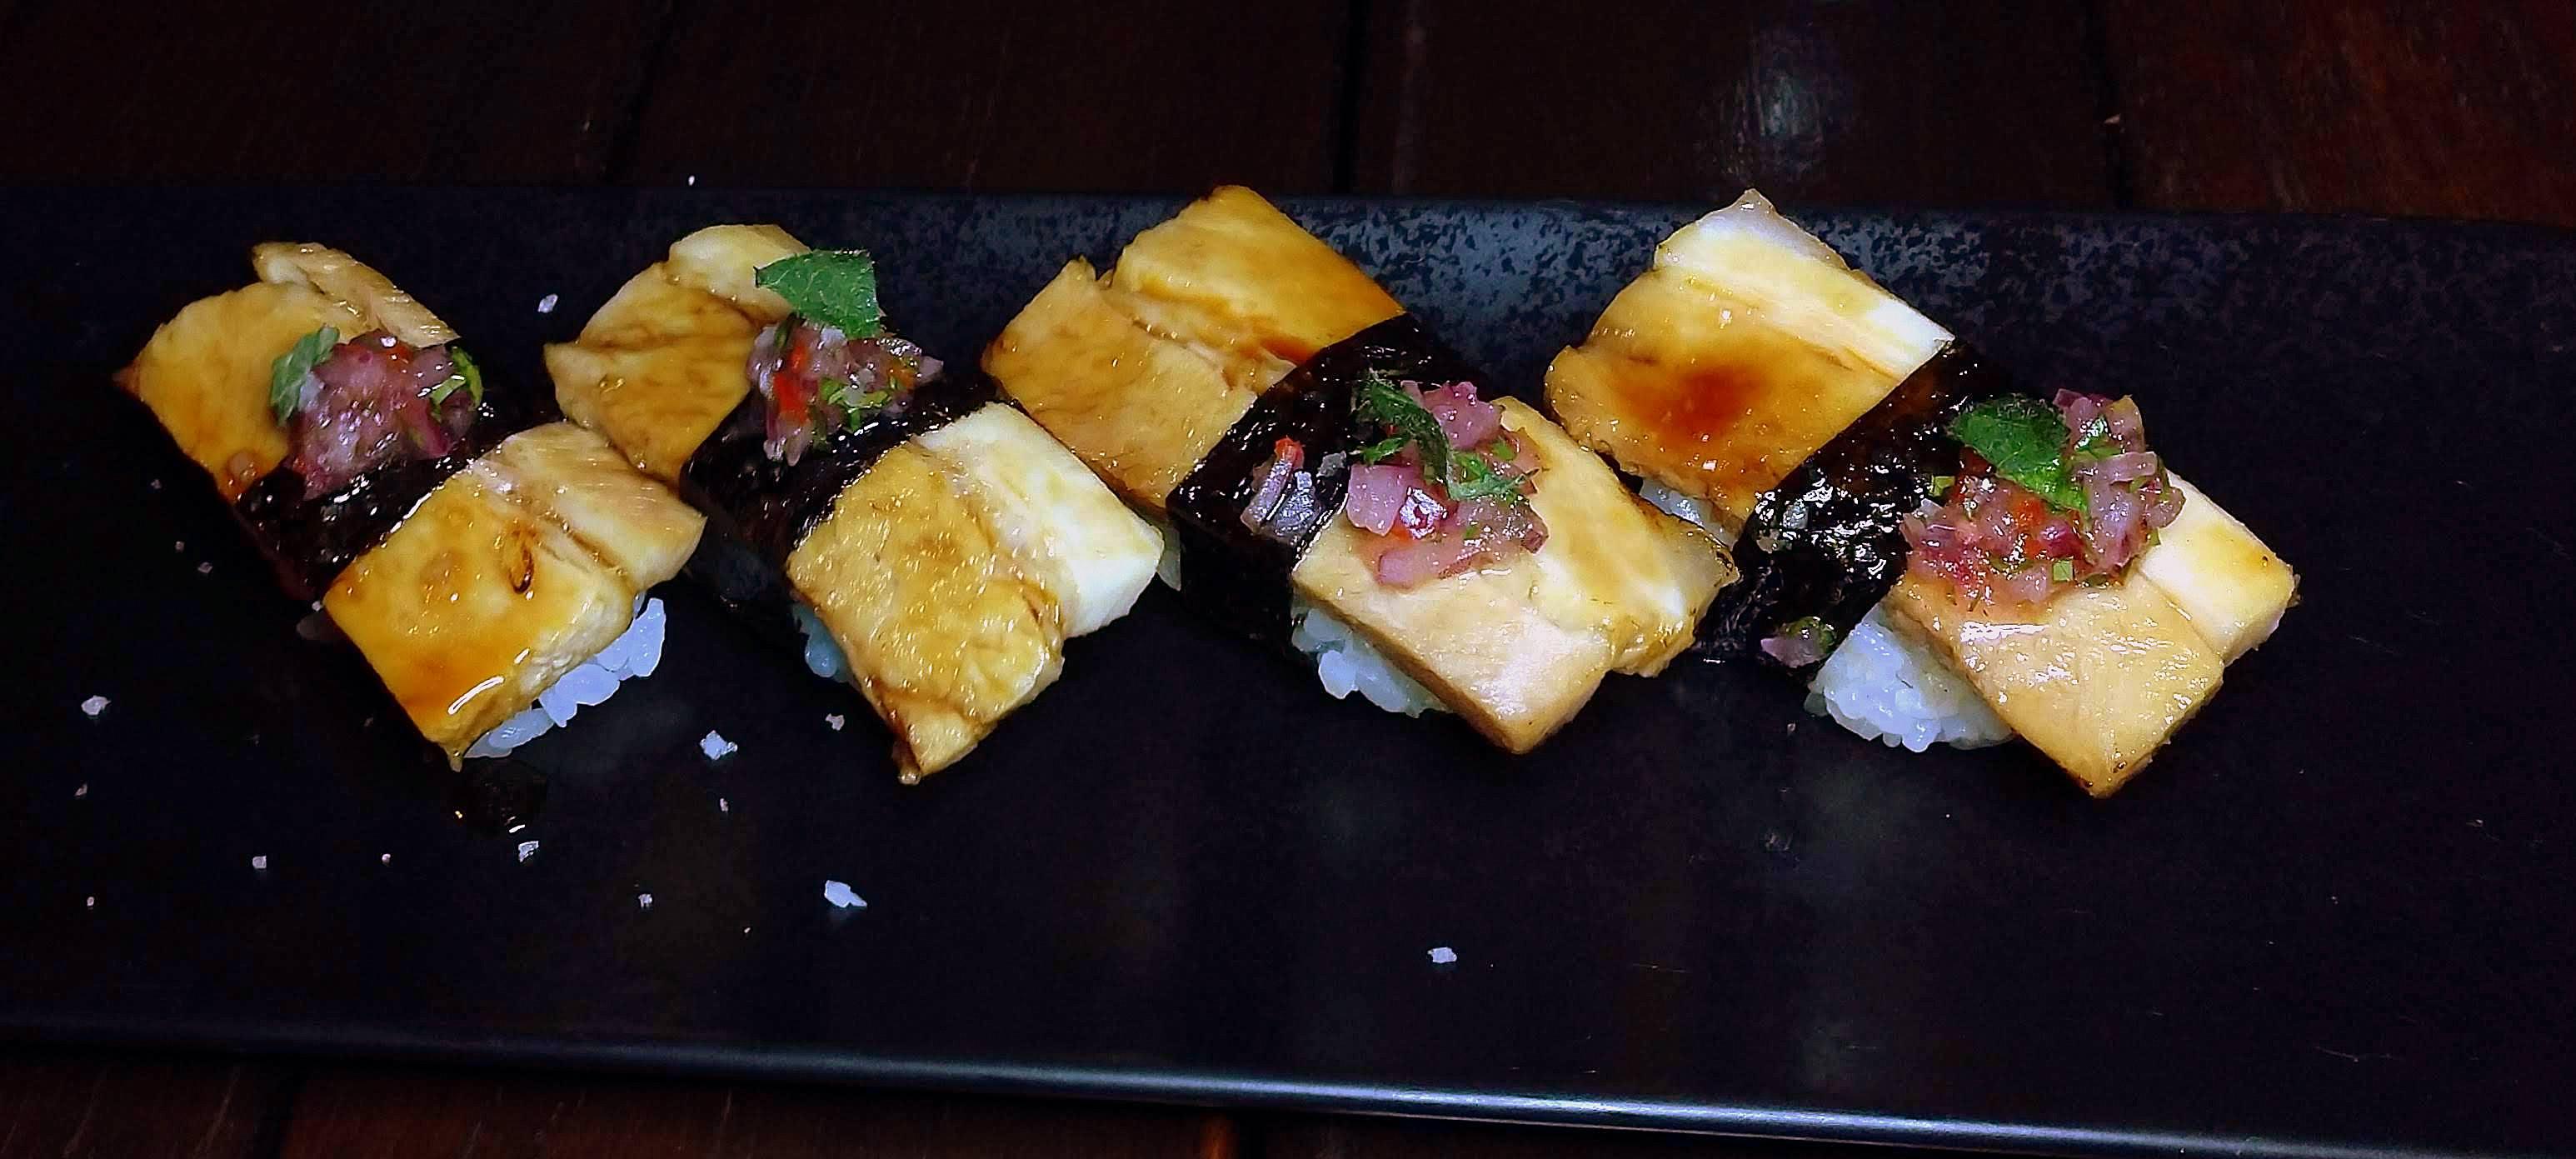 Porco batayaki, niguiri de porco confitado e selado ao molho teriyaki artesanal e salsa chalaquita.